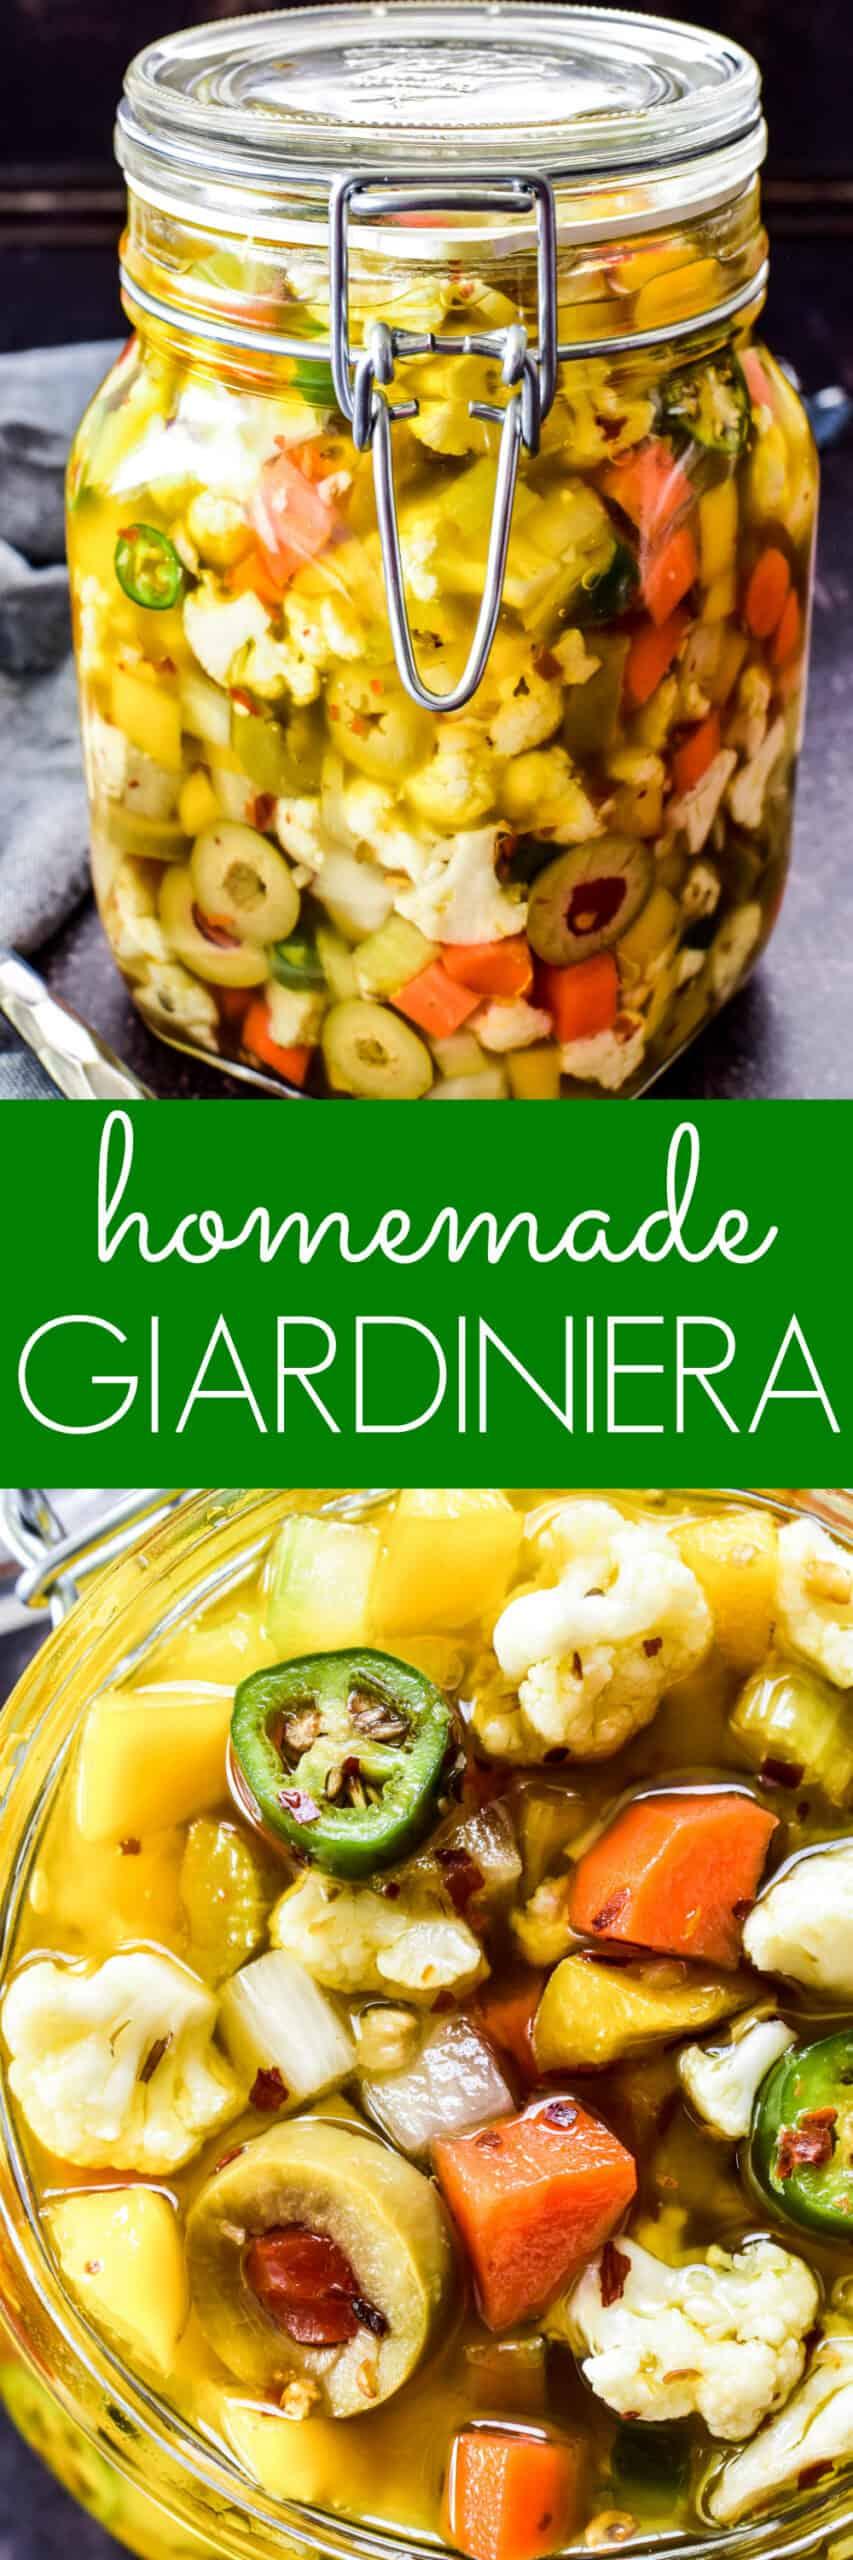 Collage image of Homemade Giardiniera